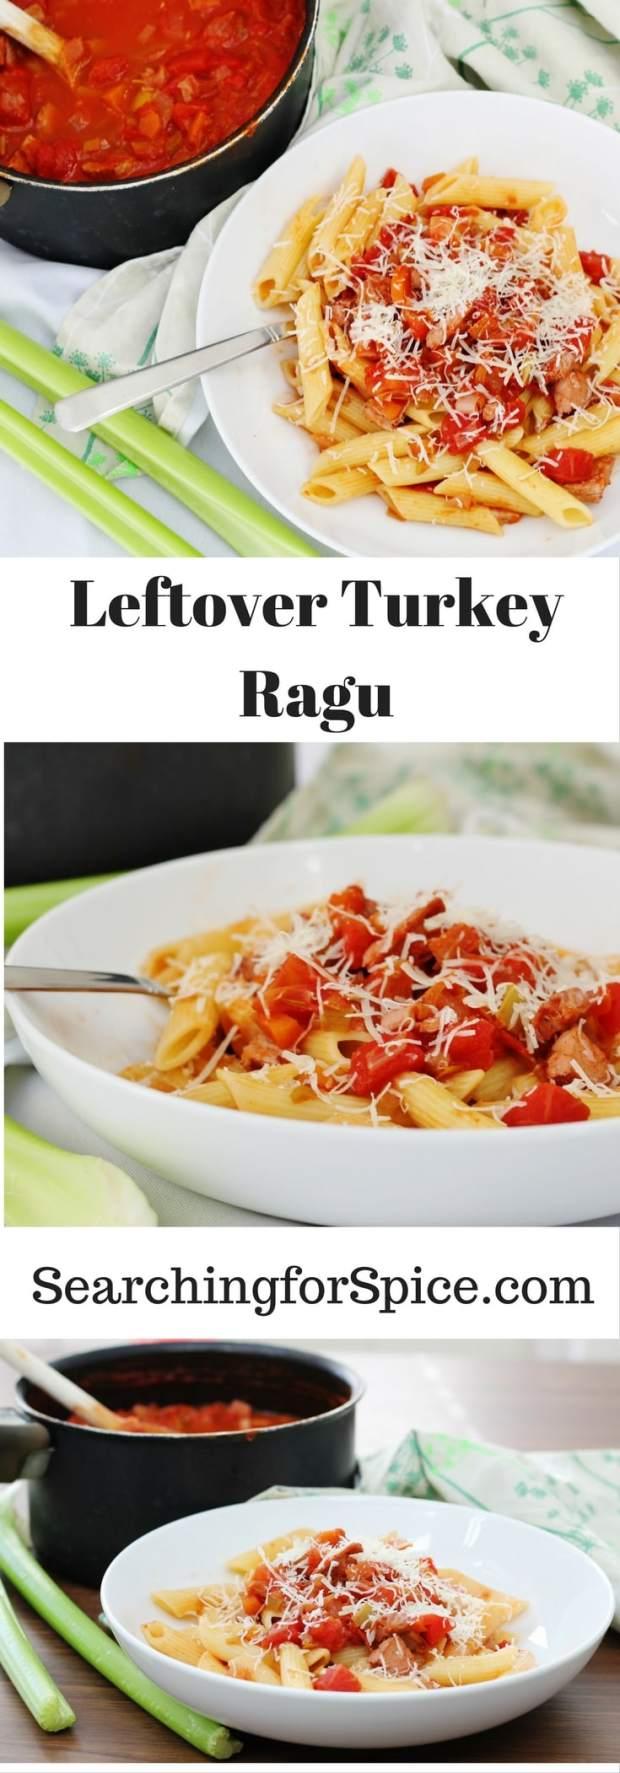 Leftover Turkey Ragu